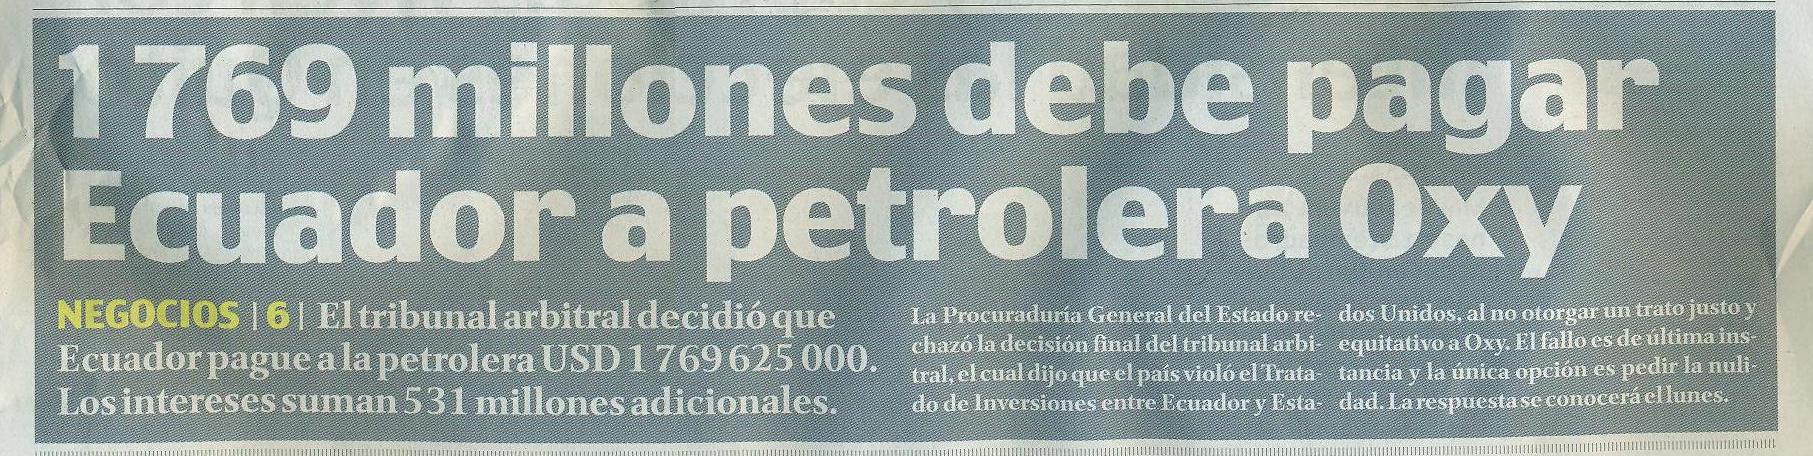 42-El Comercio, 1769 millones debe pagar Ecuador a Oxy 06 10